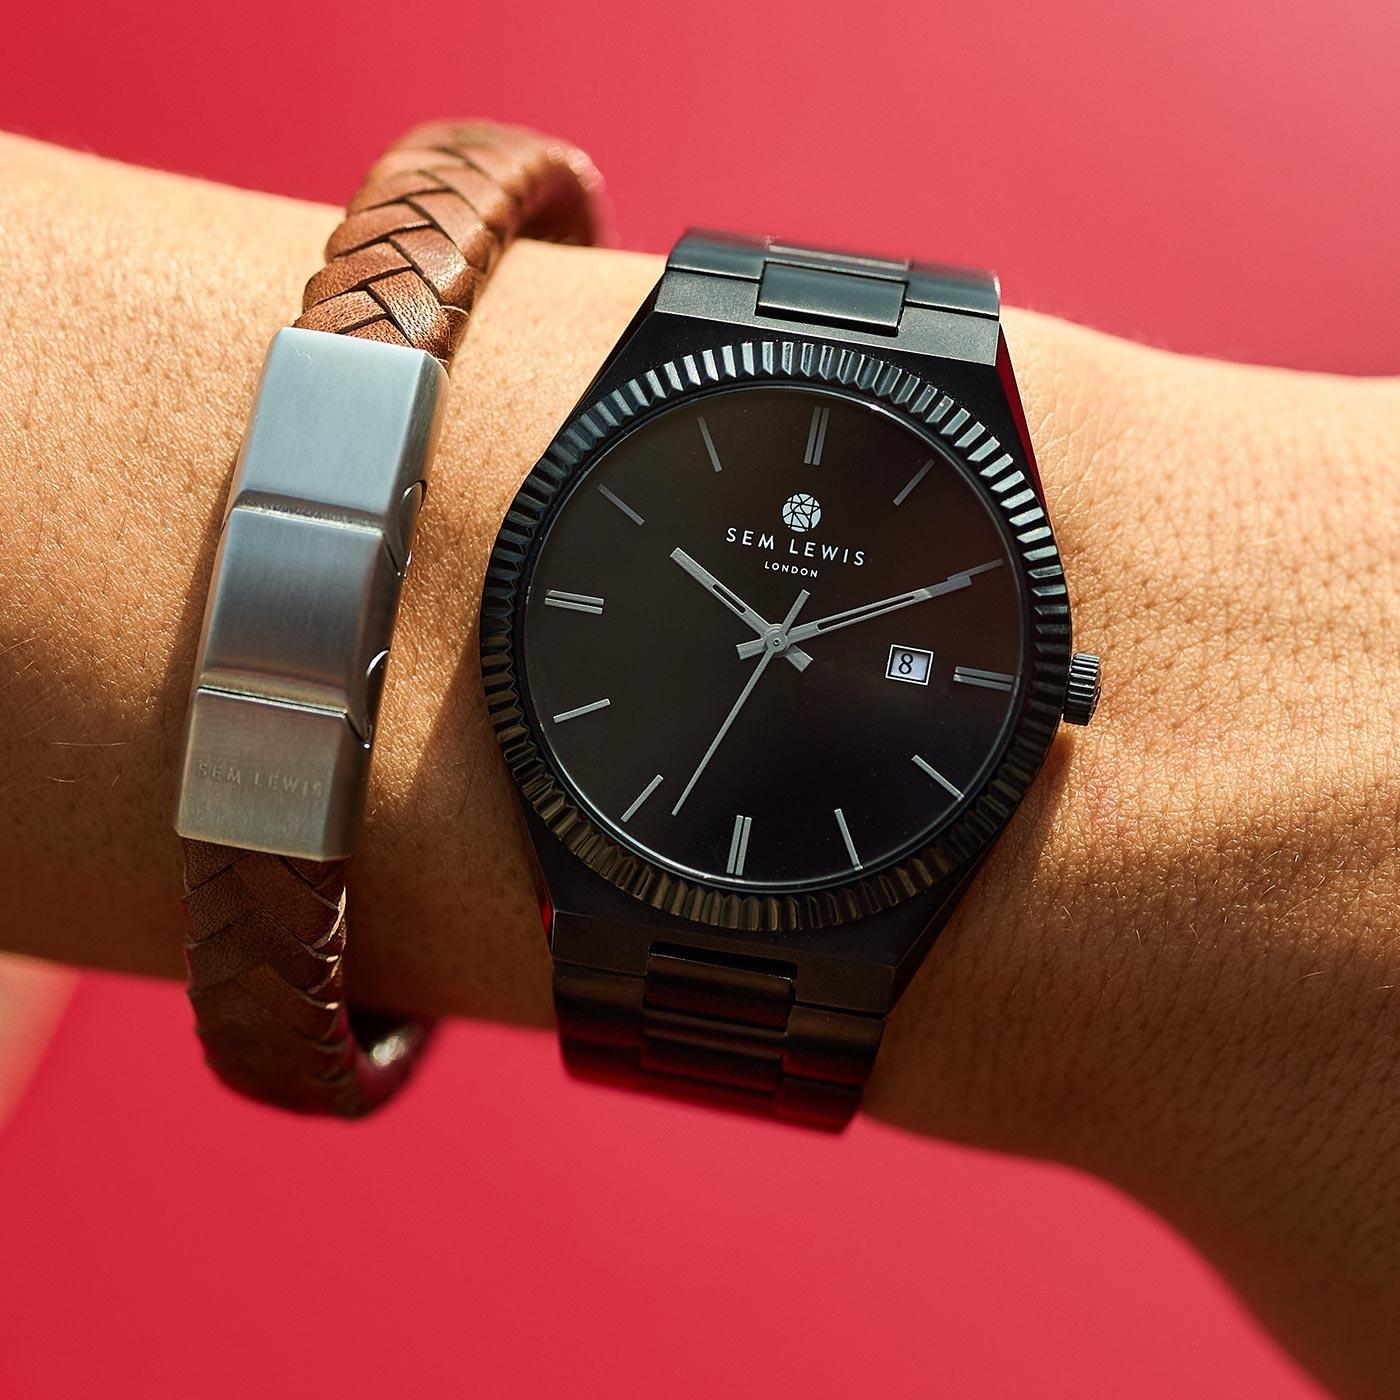 Sem Lewis Aldgate orologi nero